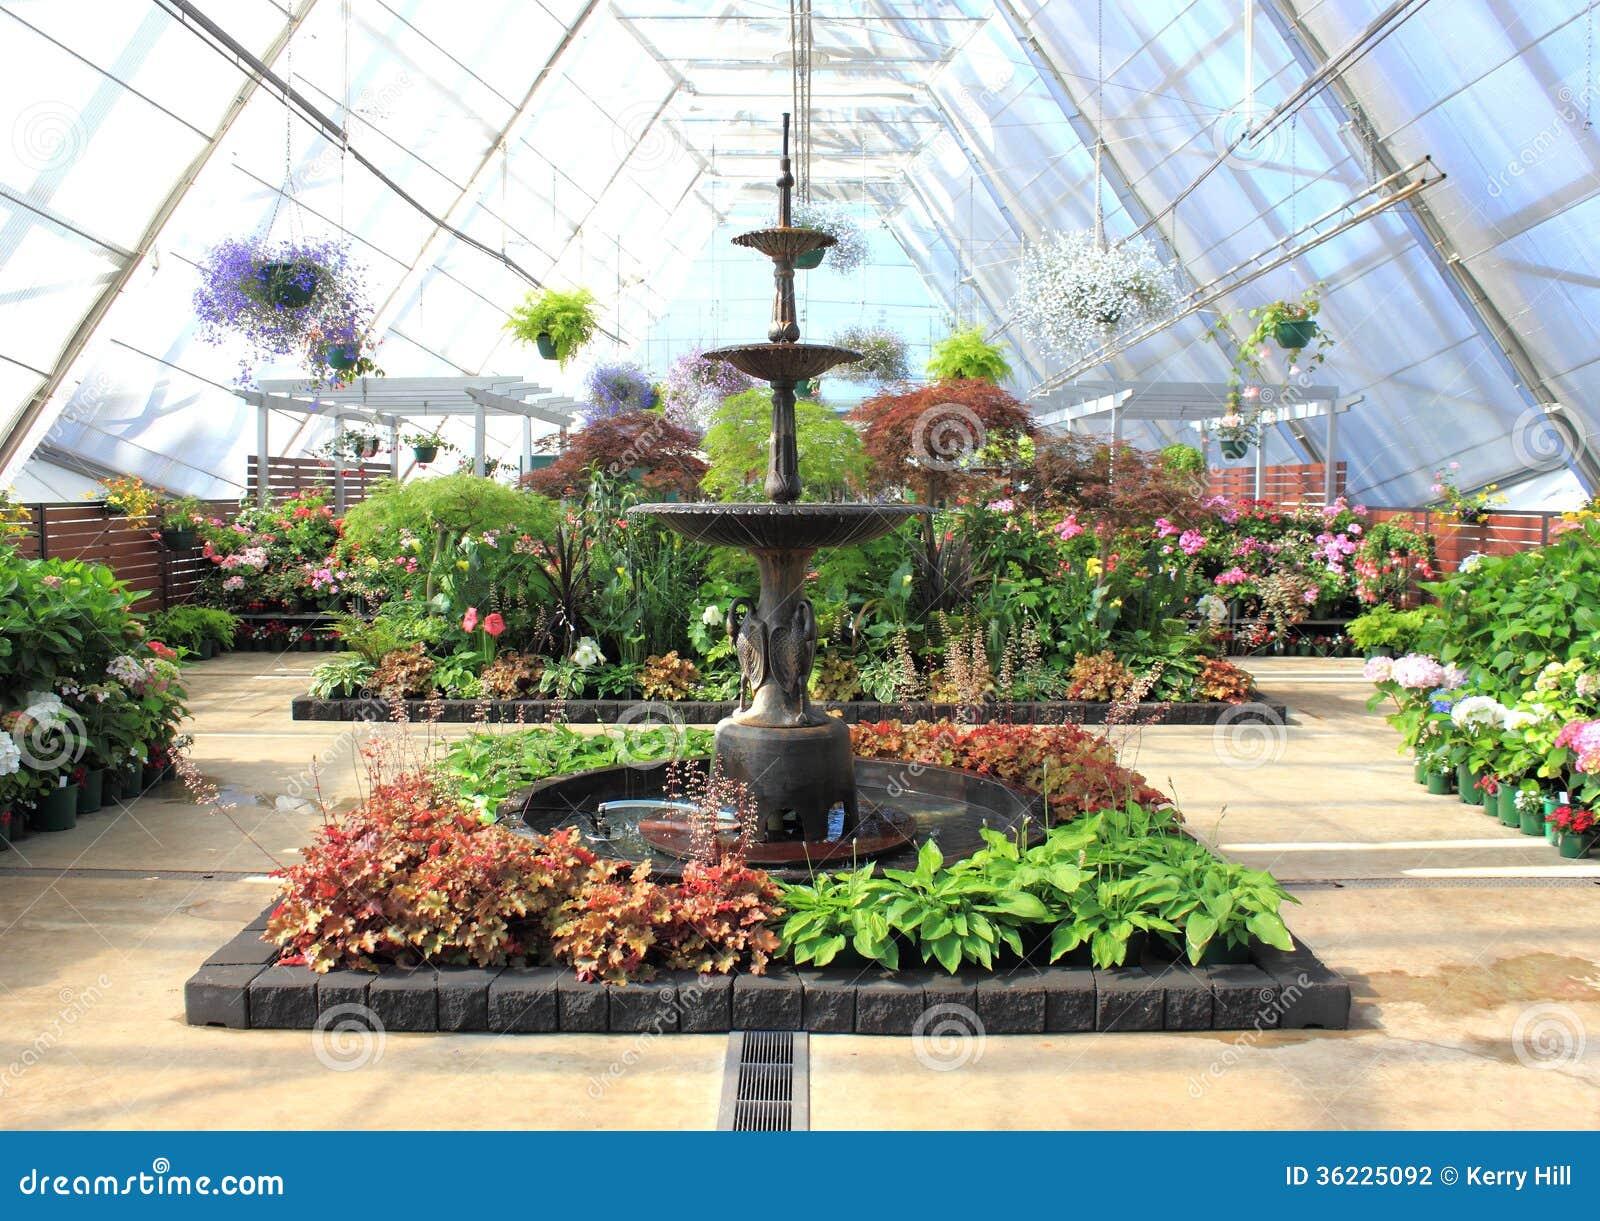 royaltyfree stock photo download indoor garden and water fountain